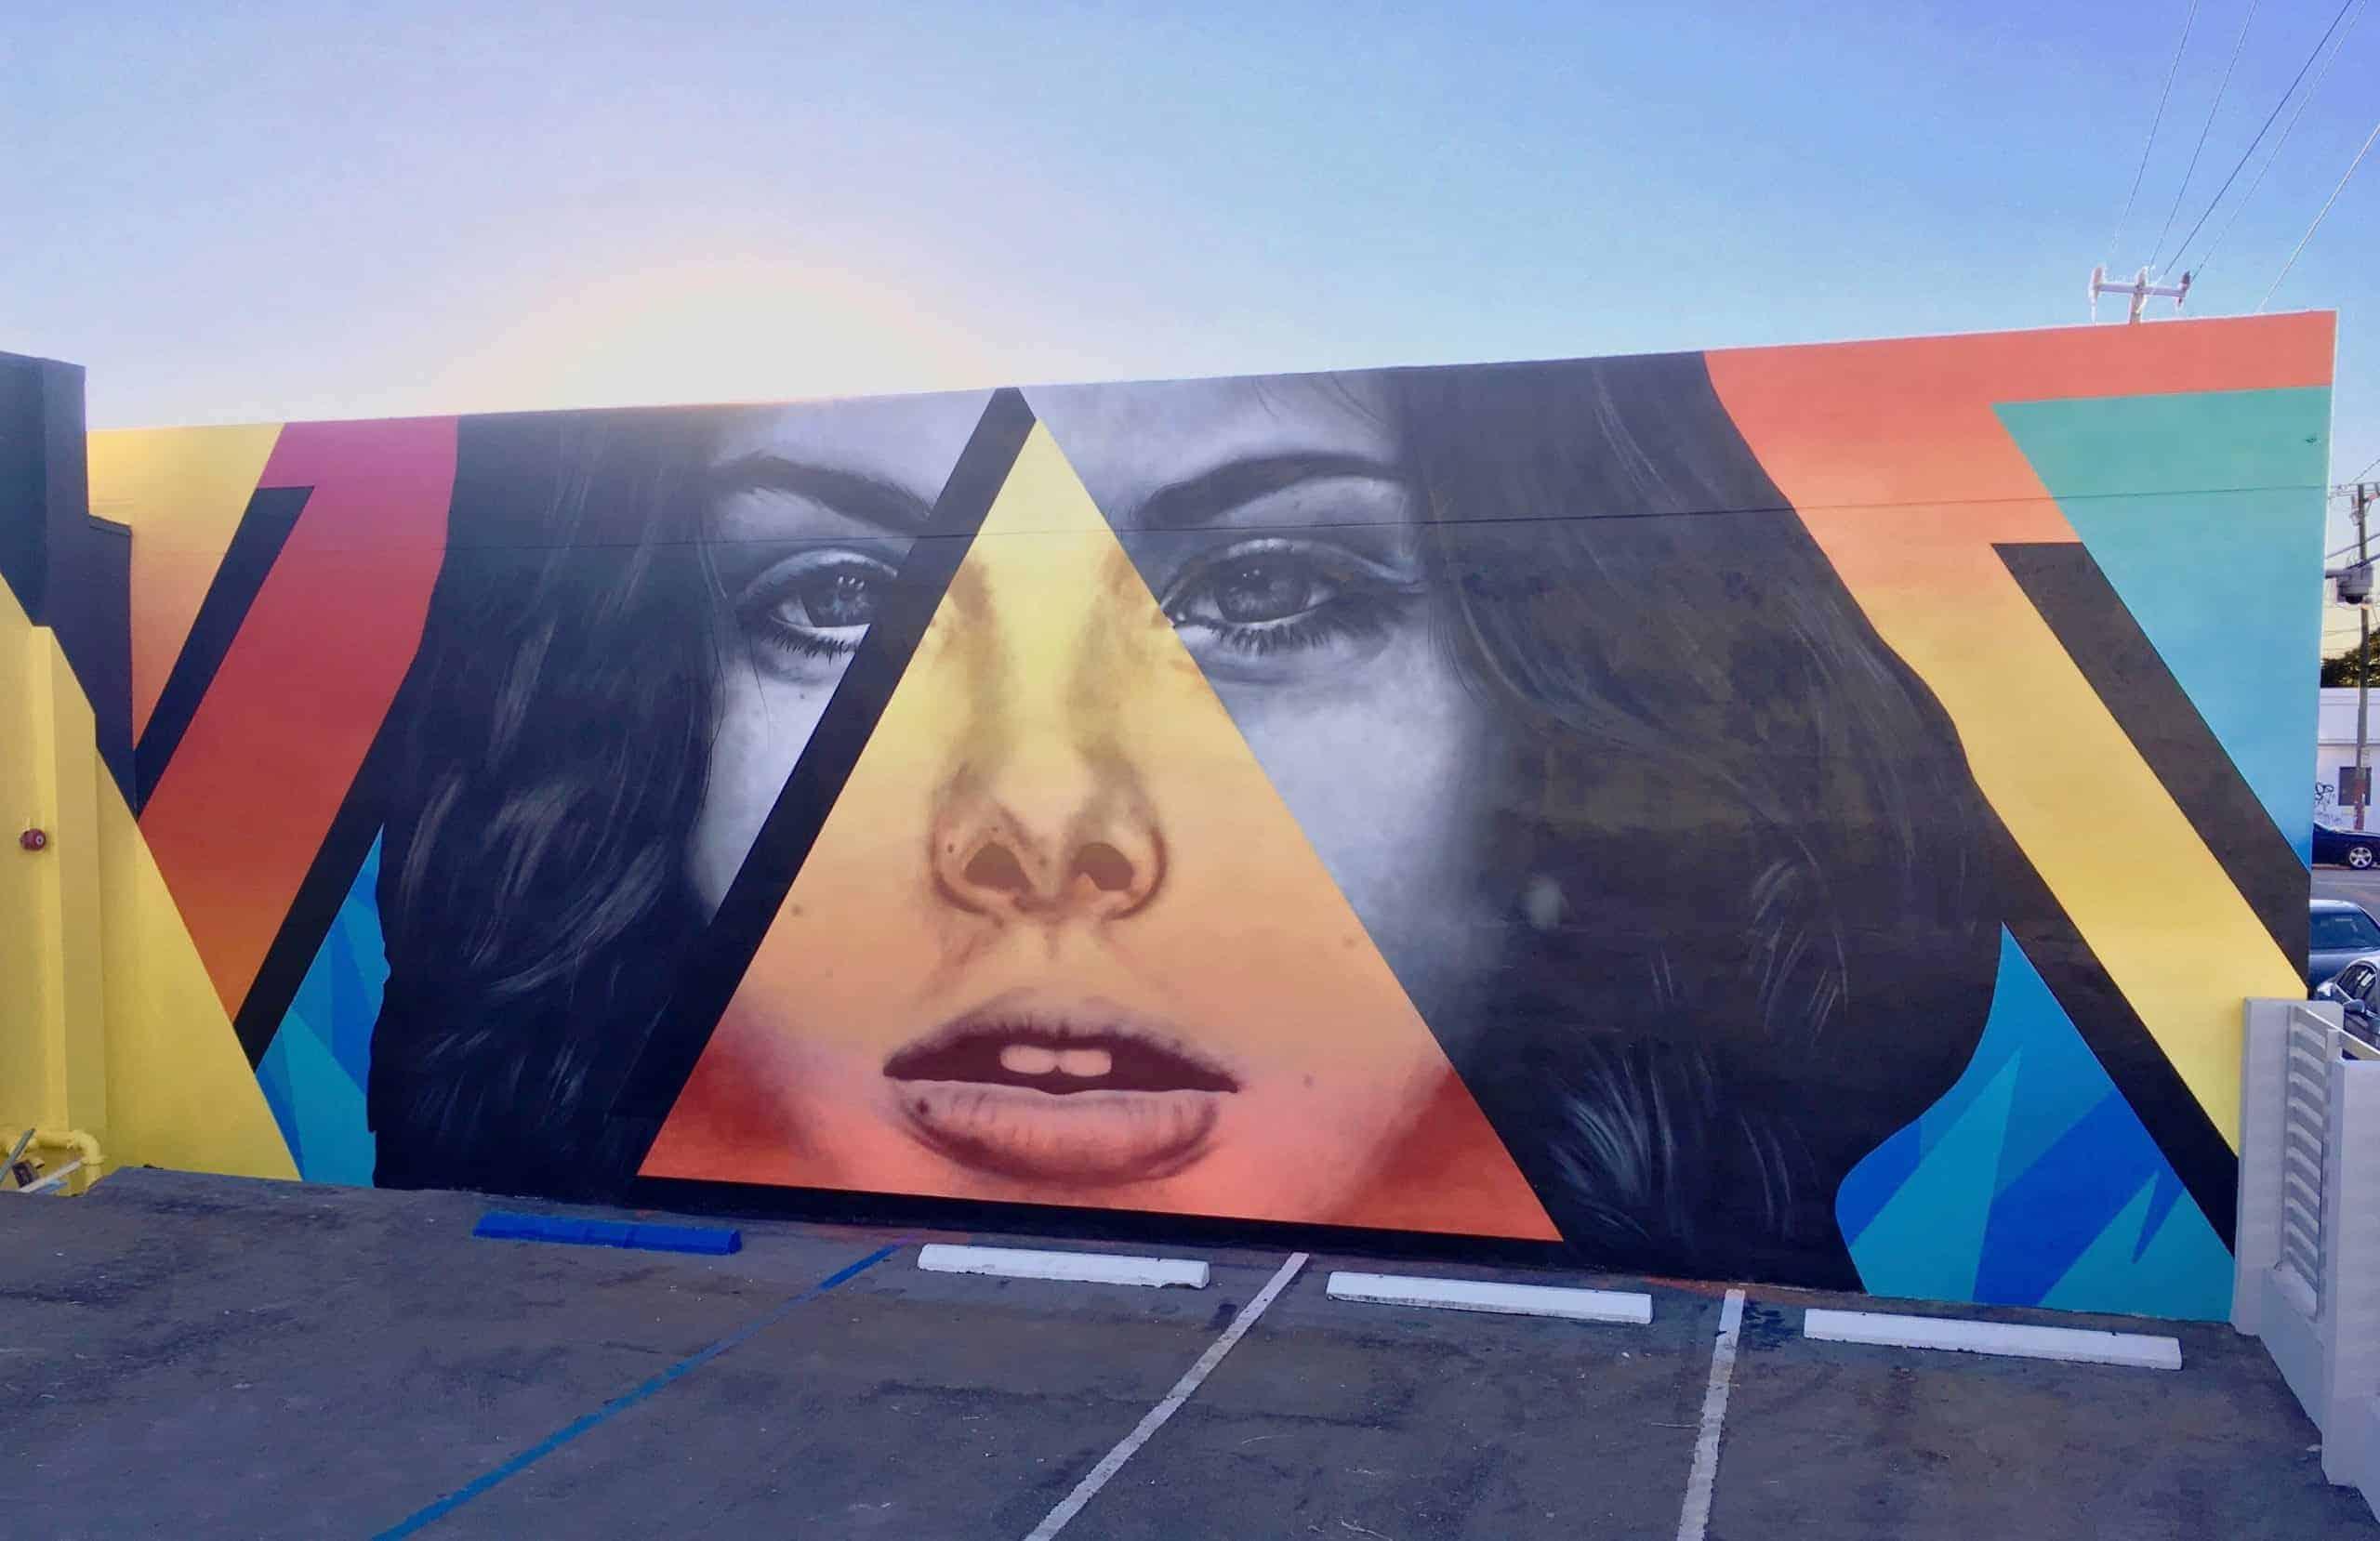 Street Art, Wynwood Walls, Murals, Miami, Art Basel, 2017